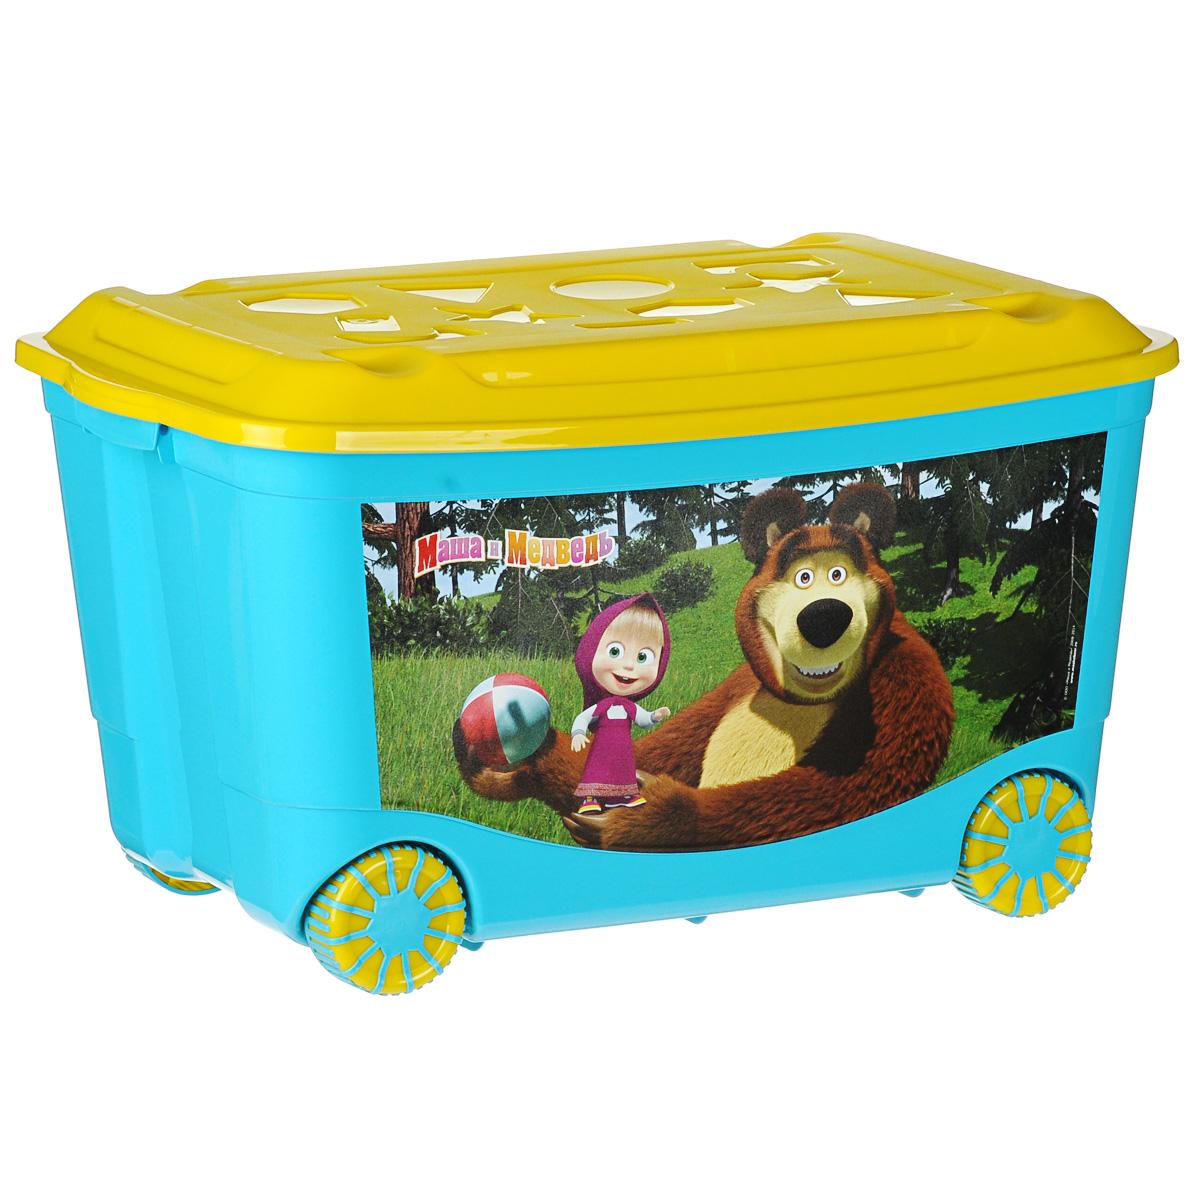 Ящик для игрушек Пластишка Маша и Медведь, на колесах, цвет: голубой, желтый, 58 см х 39 см х 33,5 смCLP446Ящик Пластишка Маша и Медведь, выполненный из высококачественного пластика, предназначен для хранения детских игрушек. Ящик оснащен прорезиненными колесами, удобными ручками для переноски и специальными отверстиями, через которые можно продеть тесьму или веревку, чтобы ребенок мог легко передвигать его. Крышка ящика декорирована геометрическими фигурами. Конструкция замков позволяет фиксировать крышку, что препятствует попаданию пыли, влаги, насекомых.